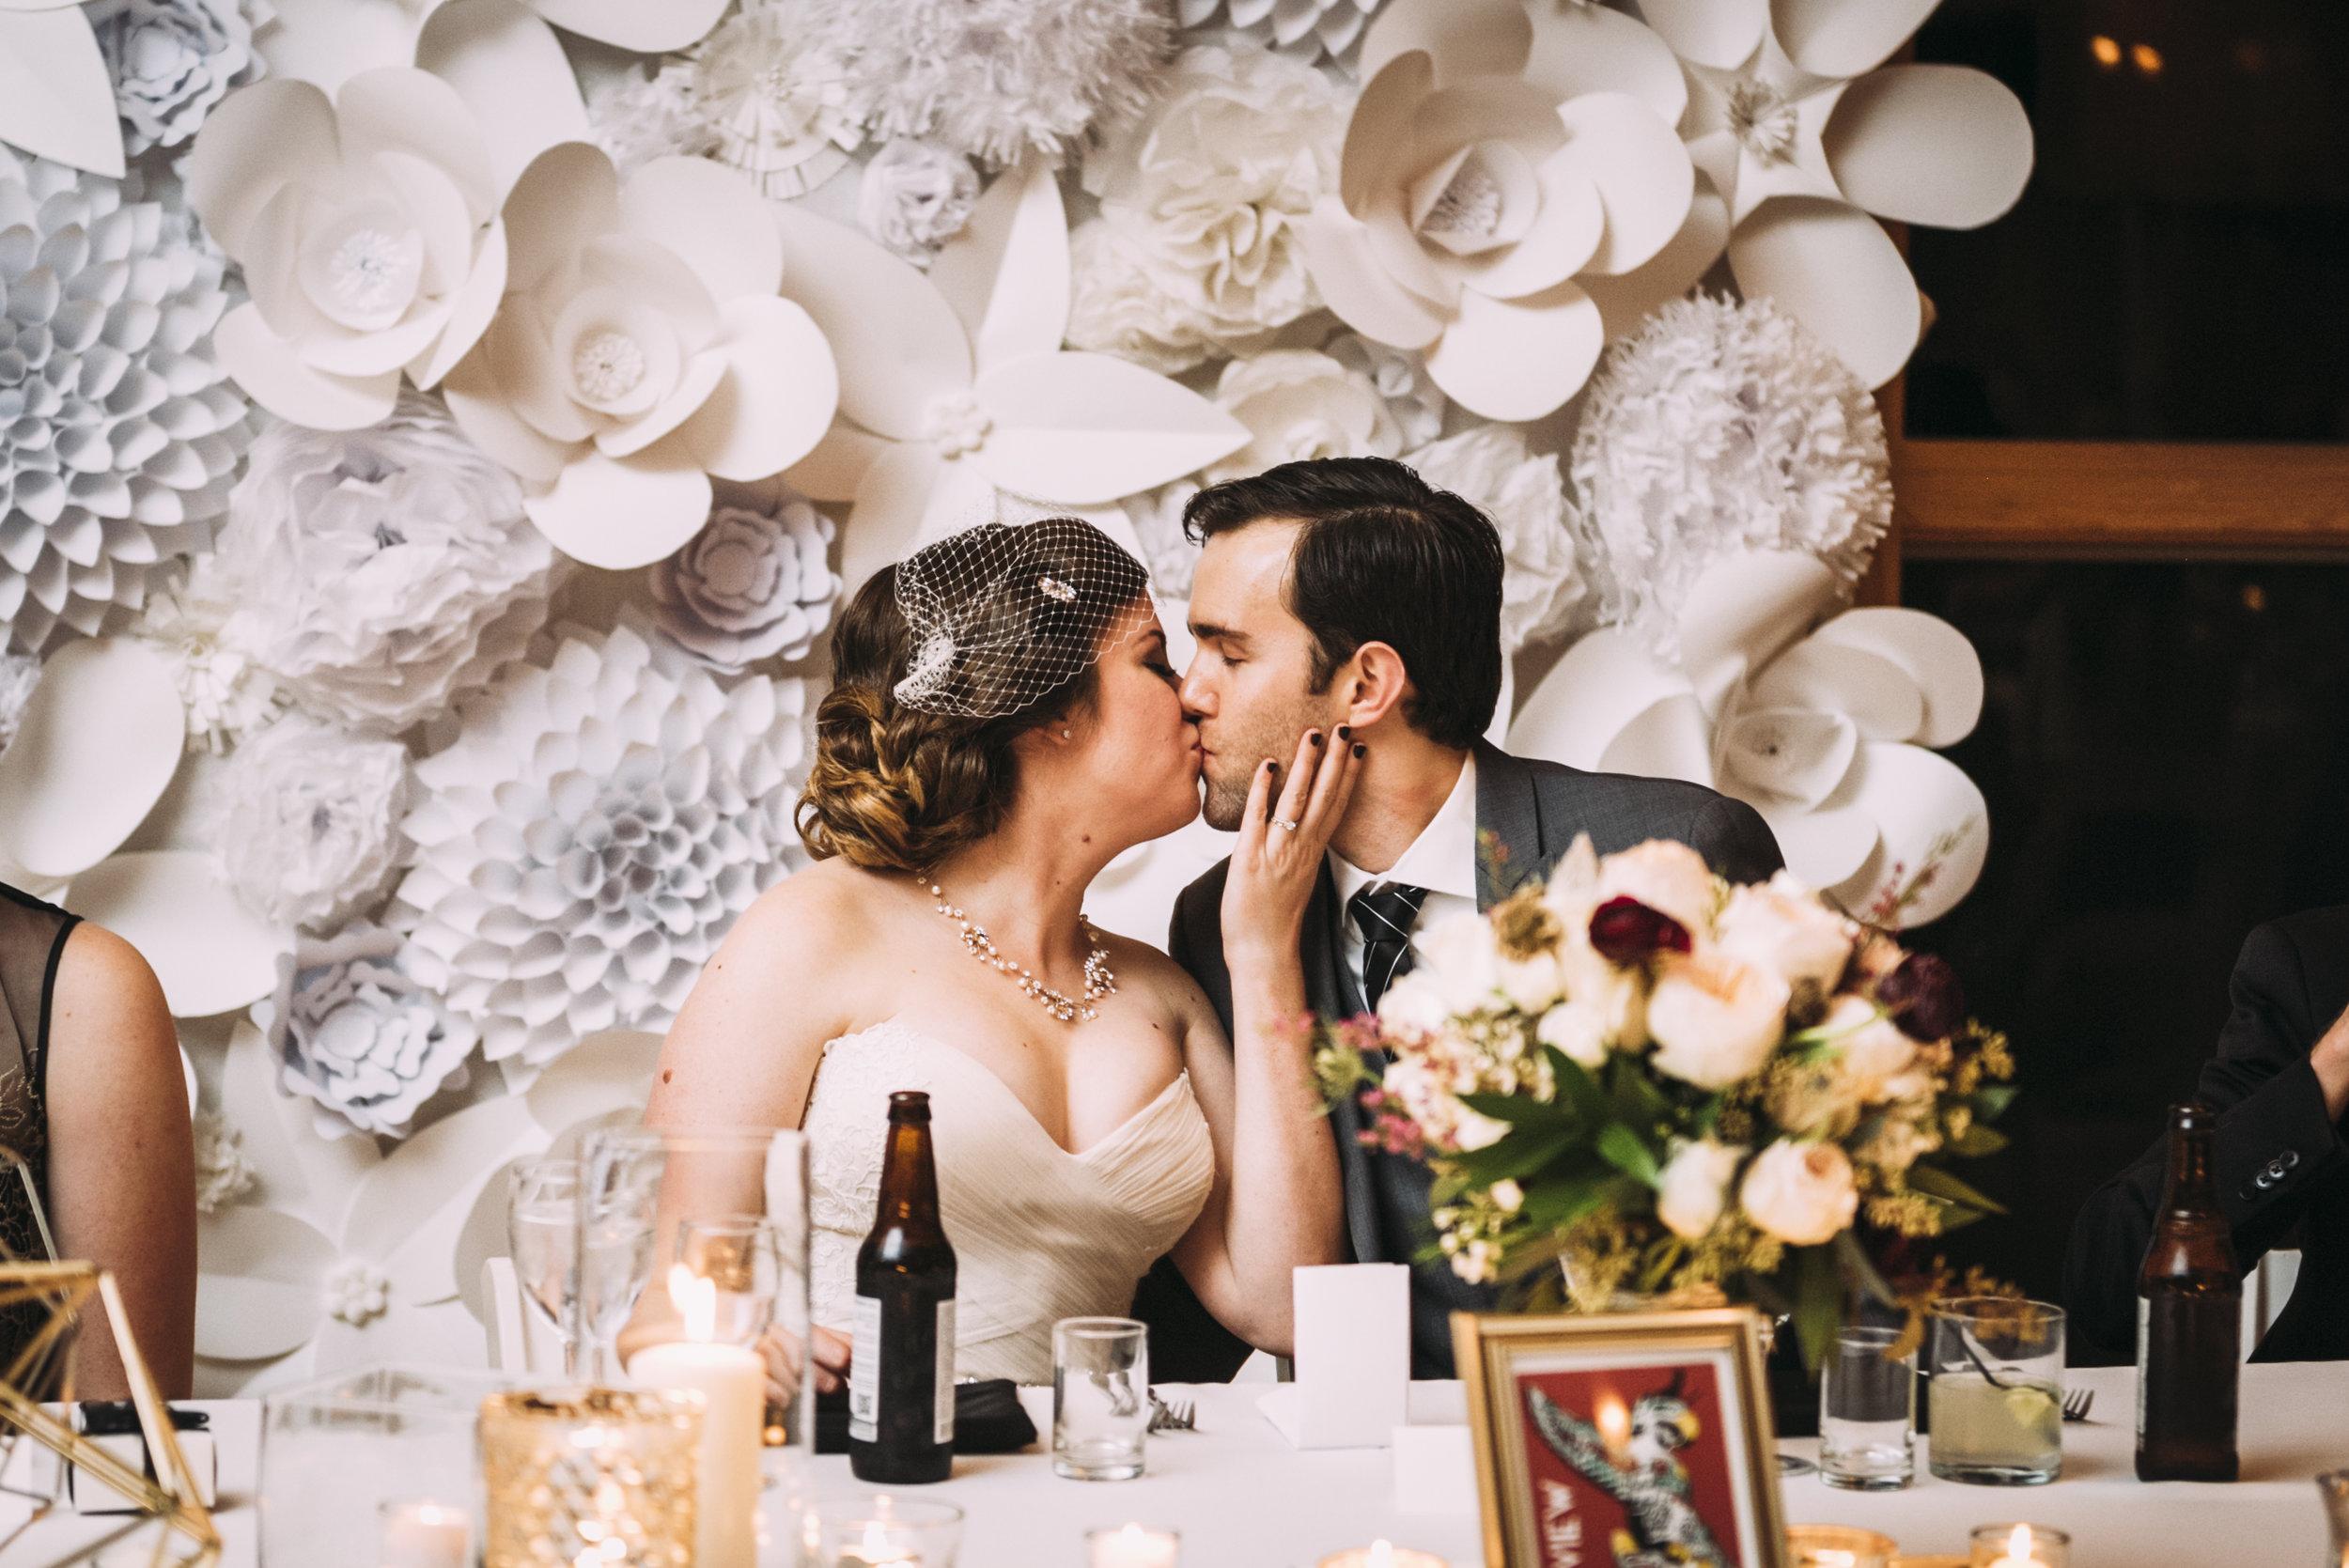 wedding-flowers-silk-bridal-bouquet-recreation-custom.jpg